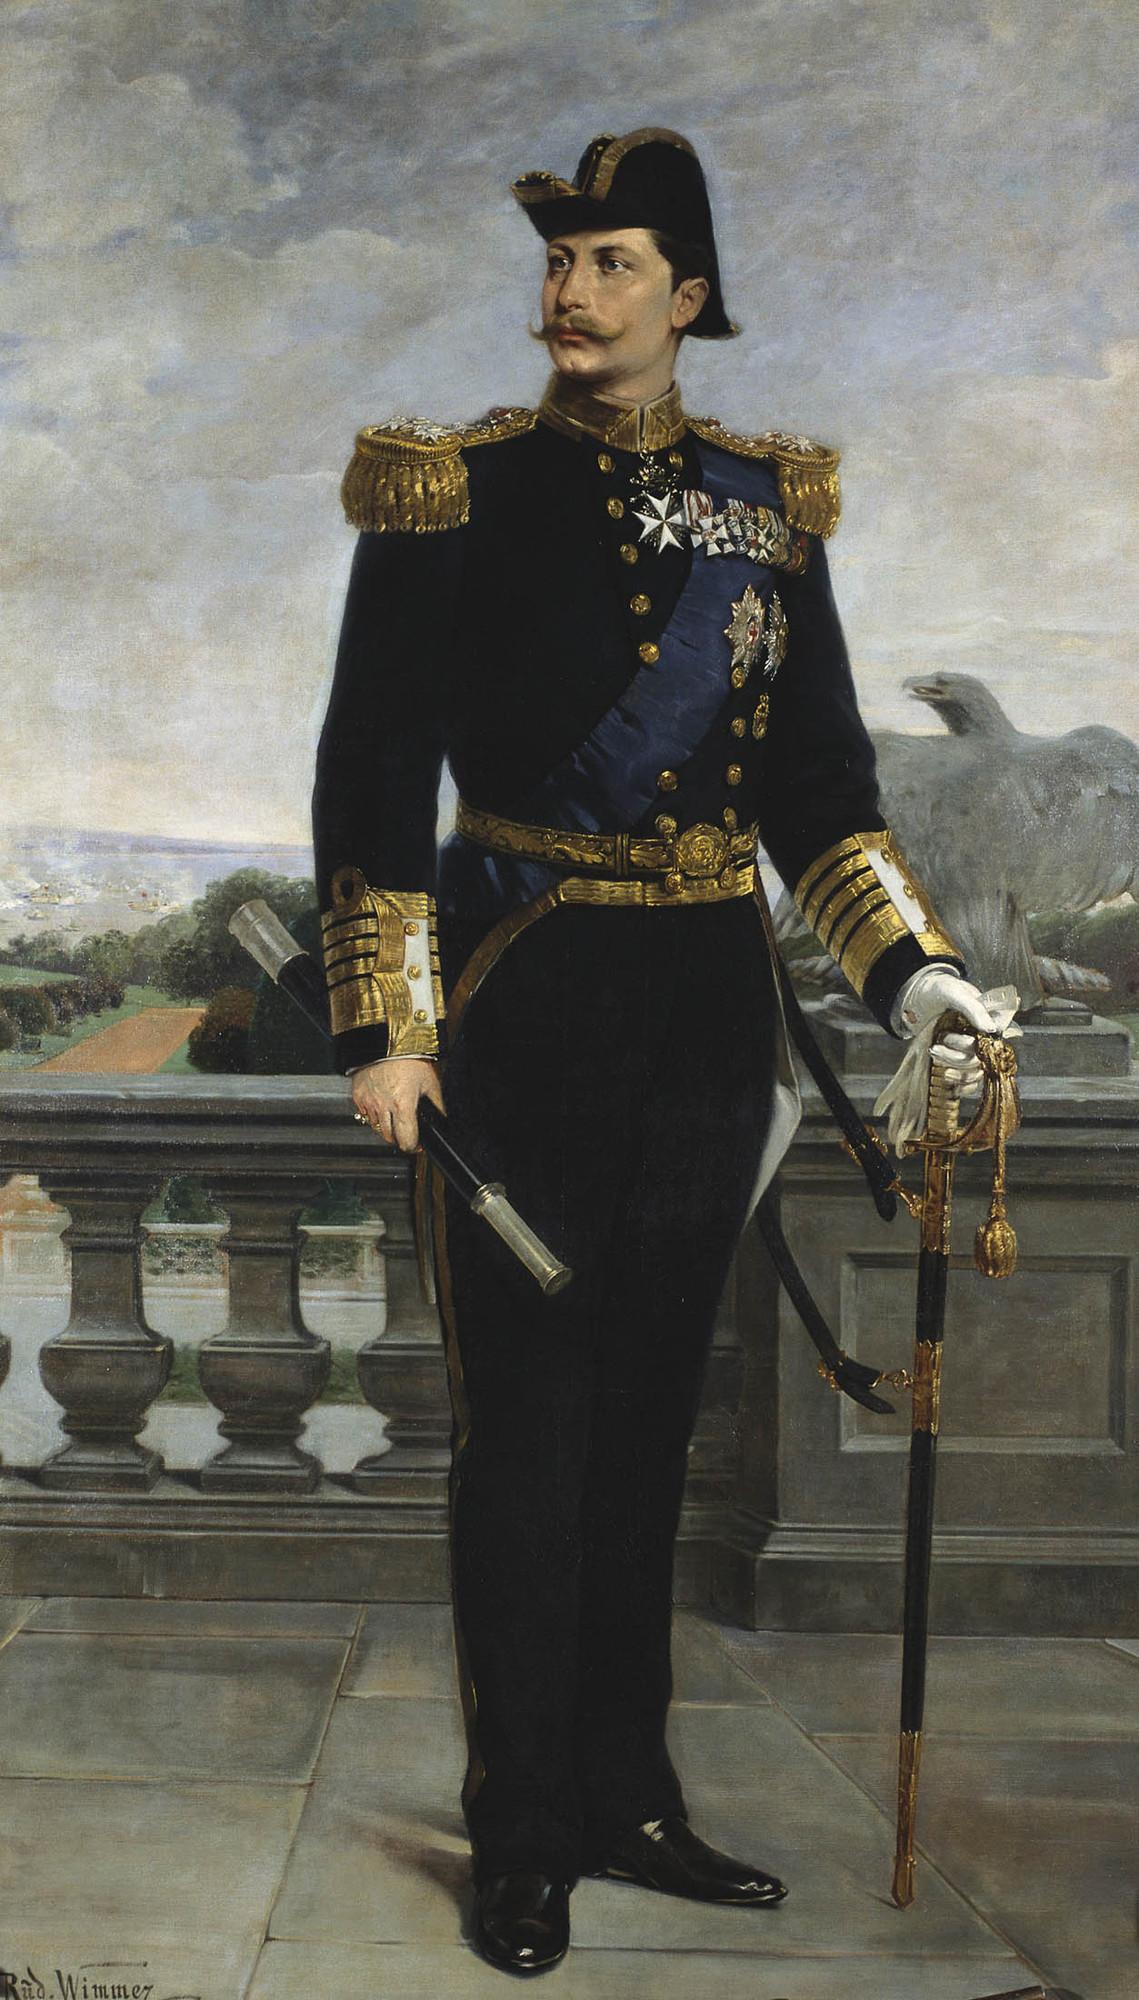 Depiction of Guillermo II de Alemania